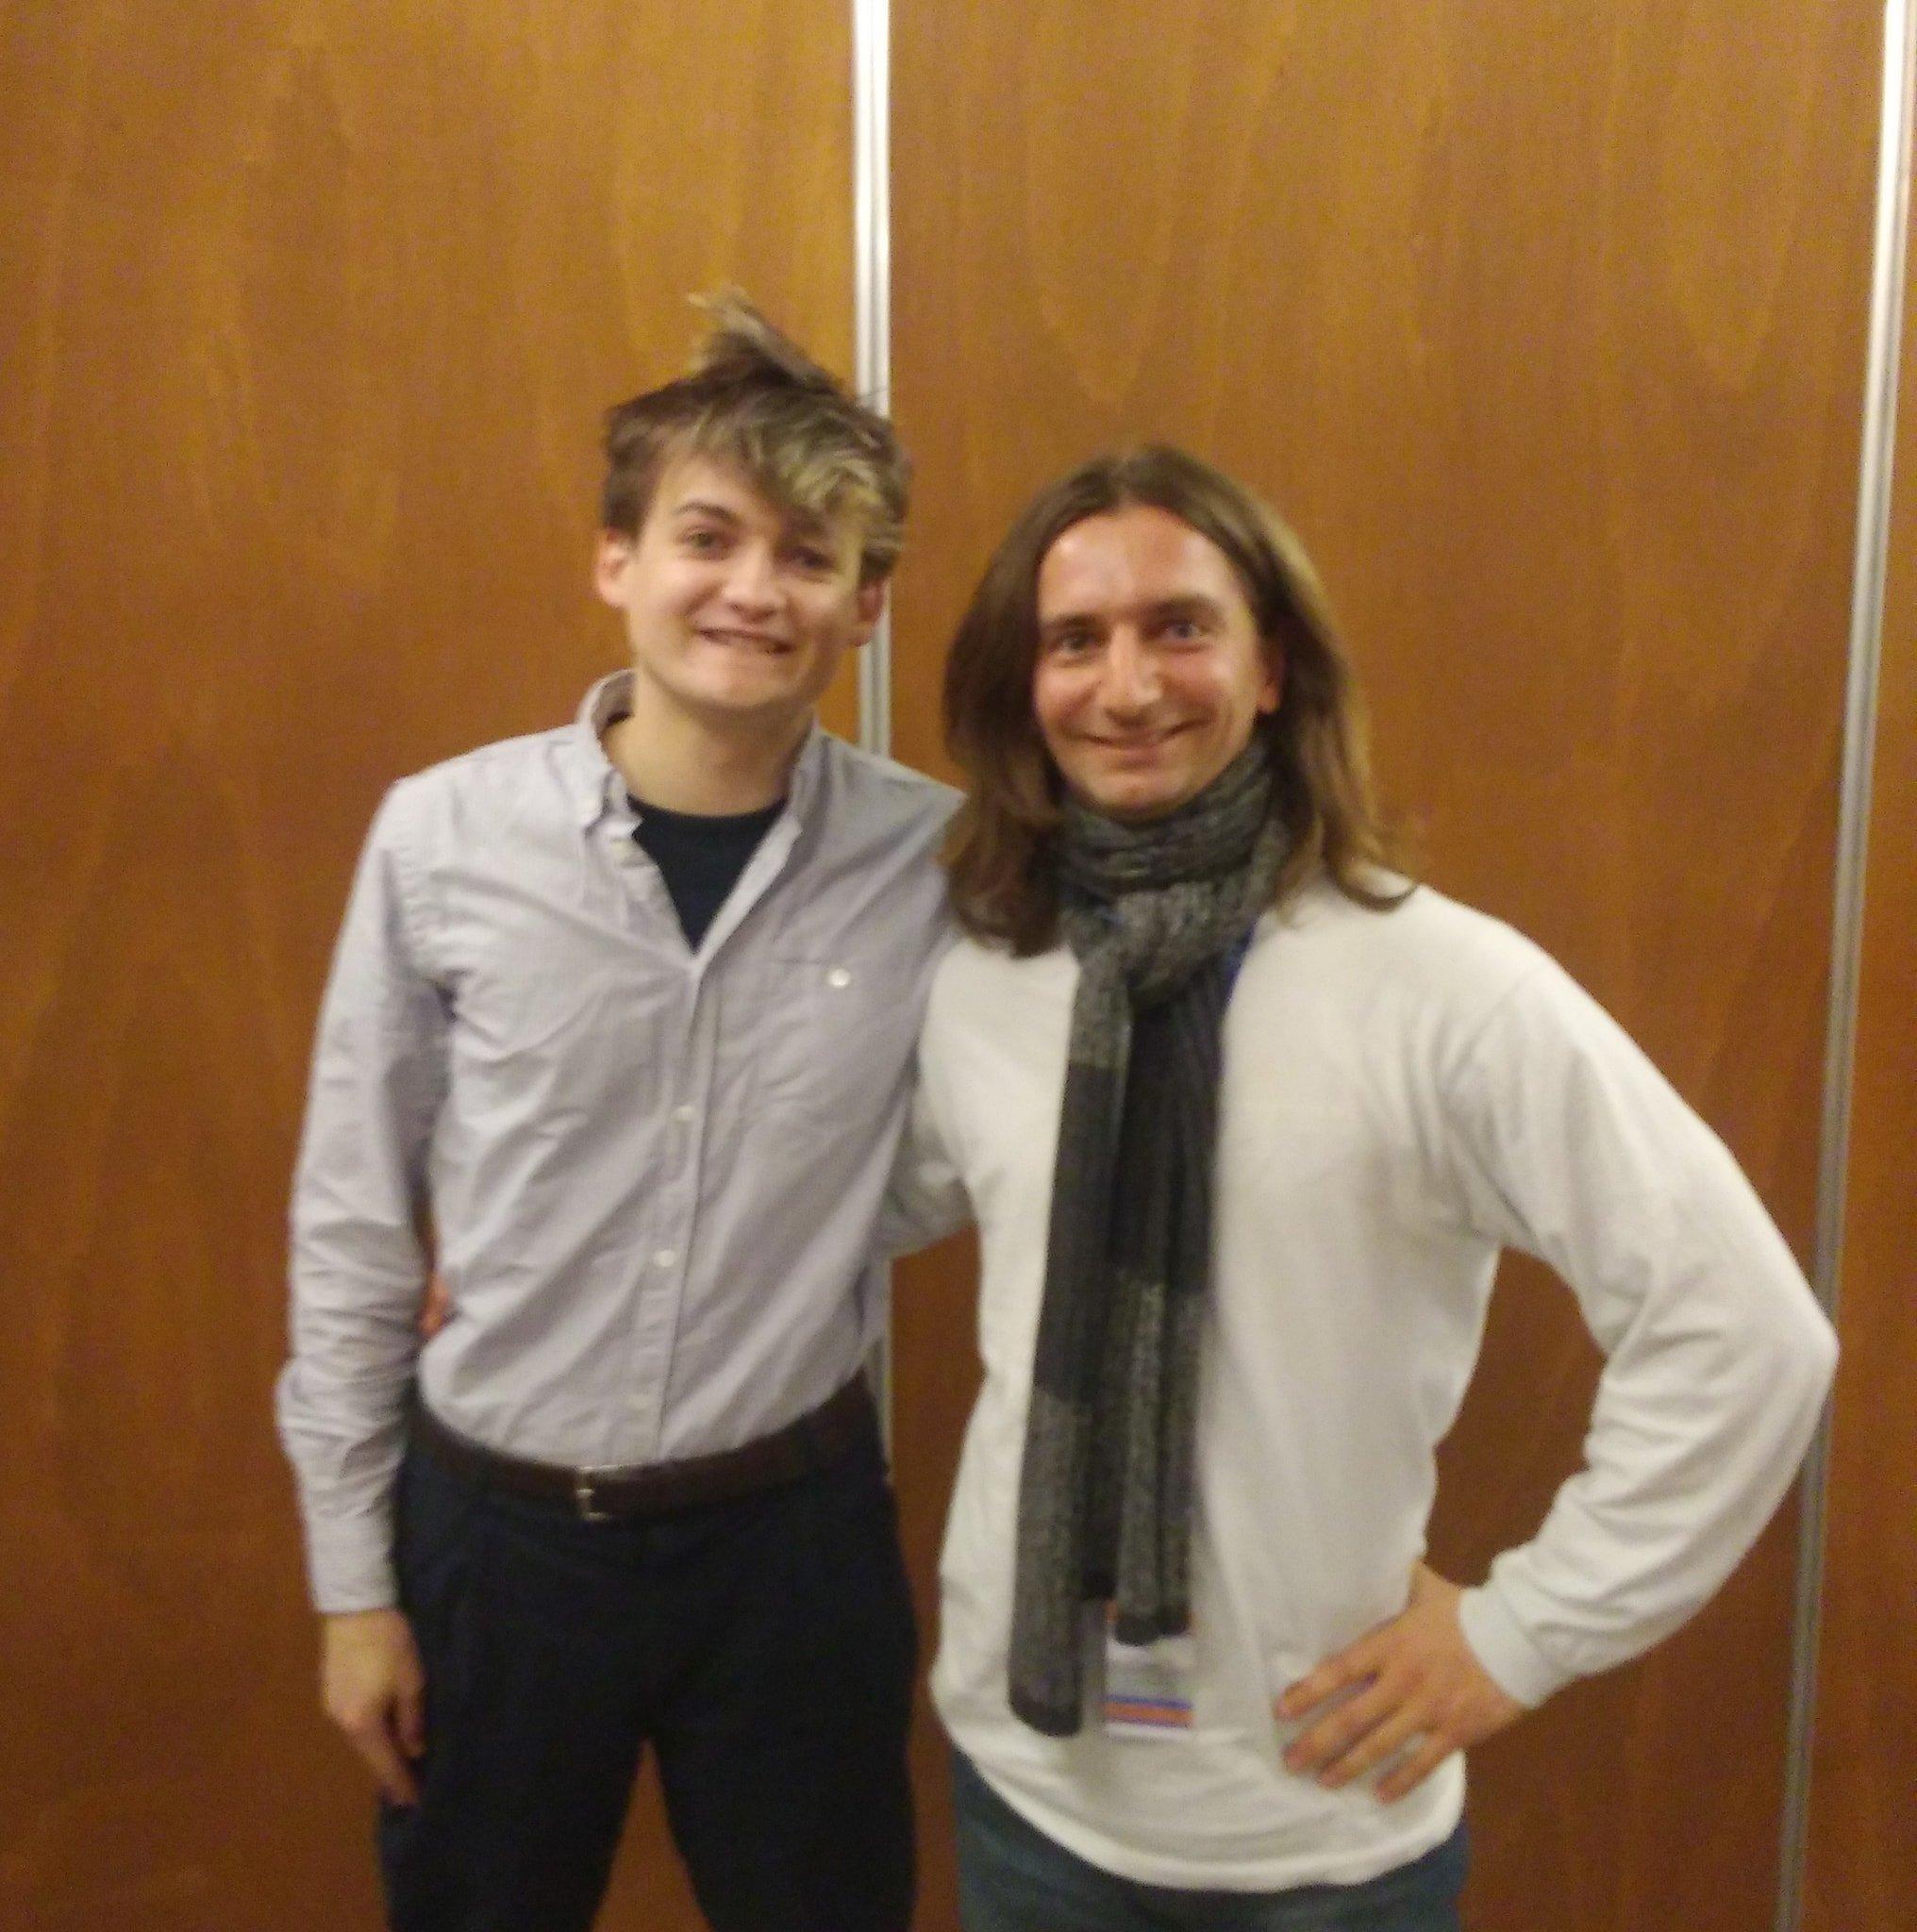 With Jack Gleeson